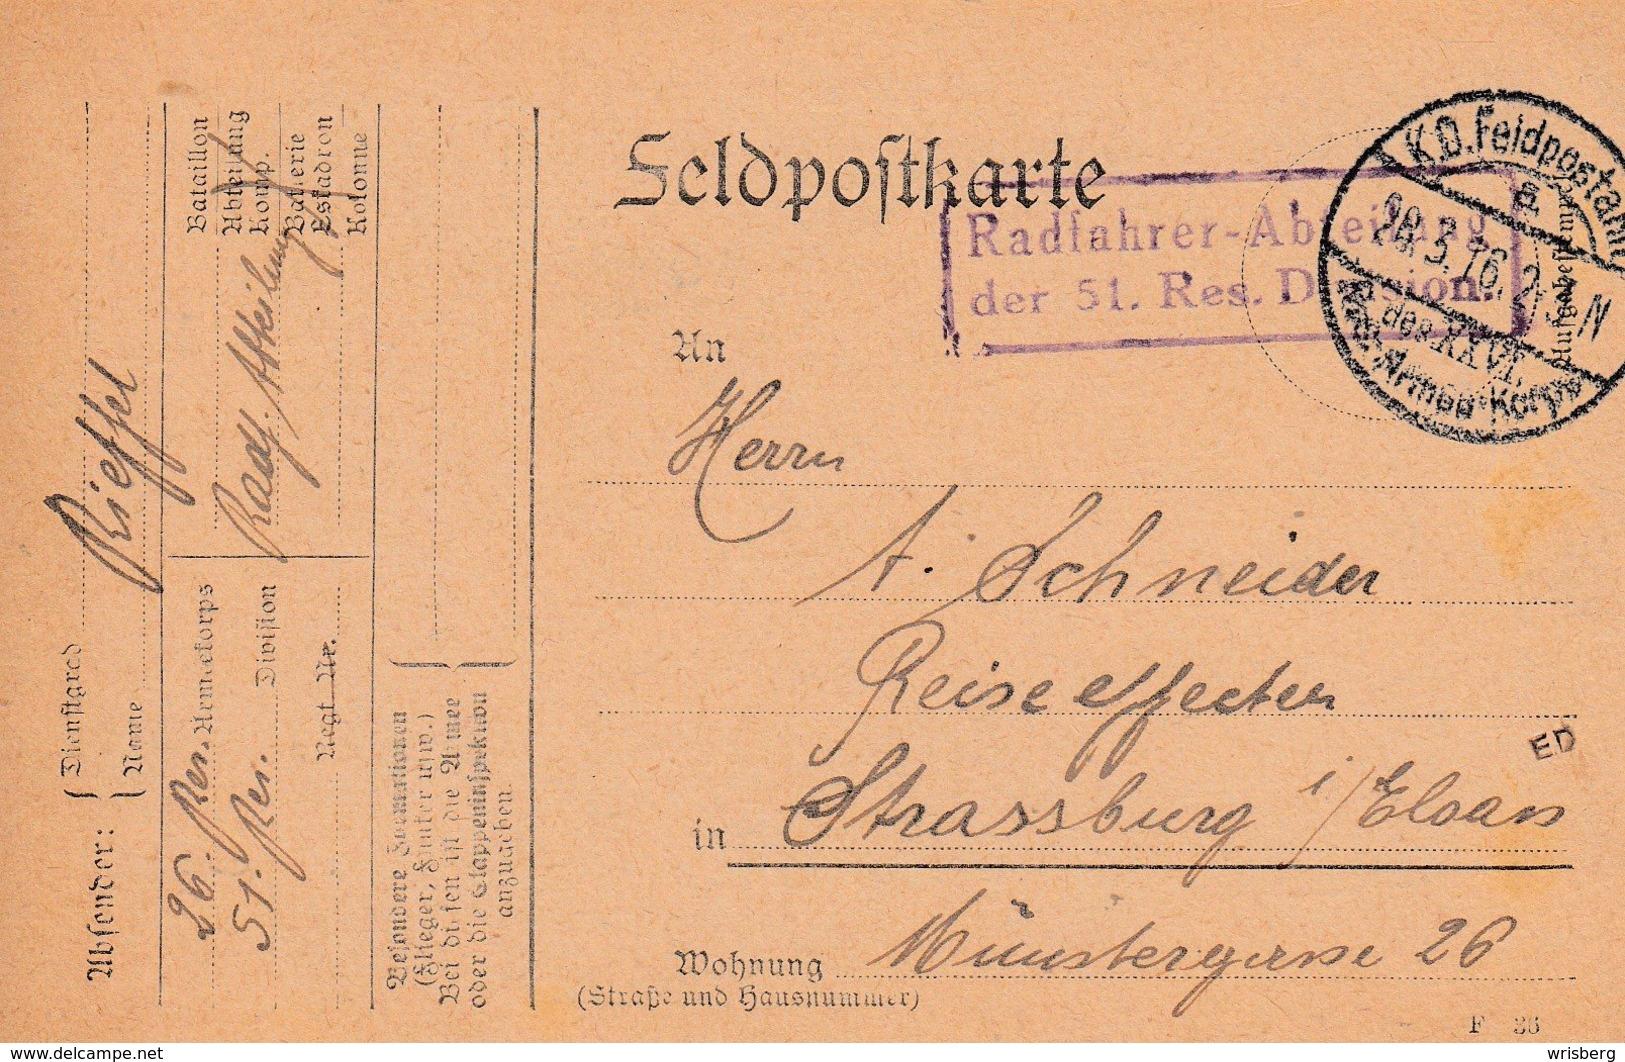 Feldpostkarte Avec Radfahrer - Abteilung / Der 51. Res Division + TàD K.D. Feldpostamt / Des XXVI. Res Armee Korps Du 28 - 1. Weltkrieg 1914-1918